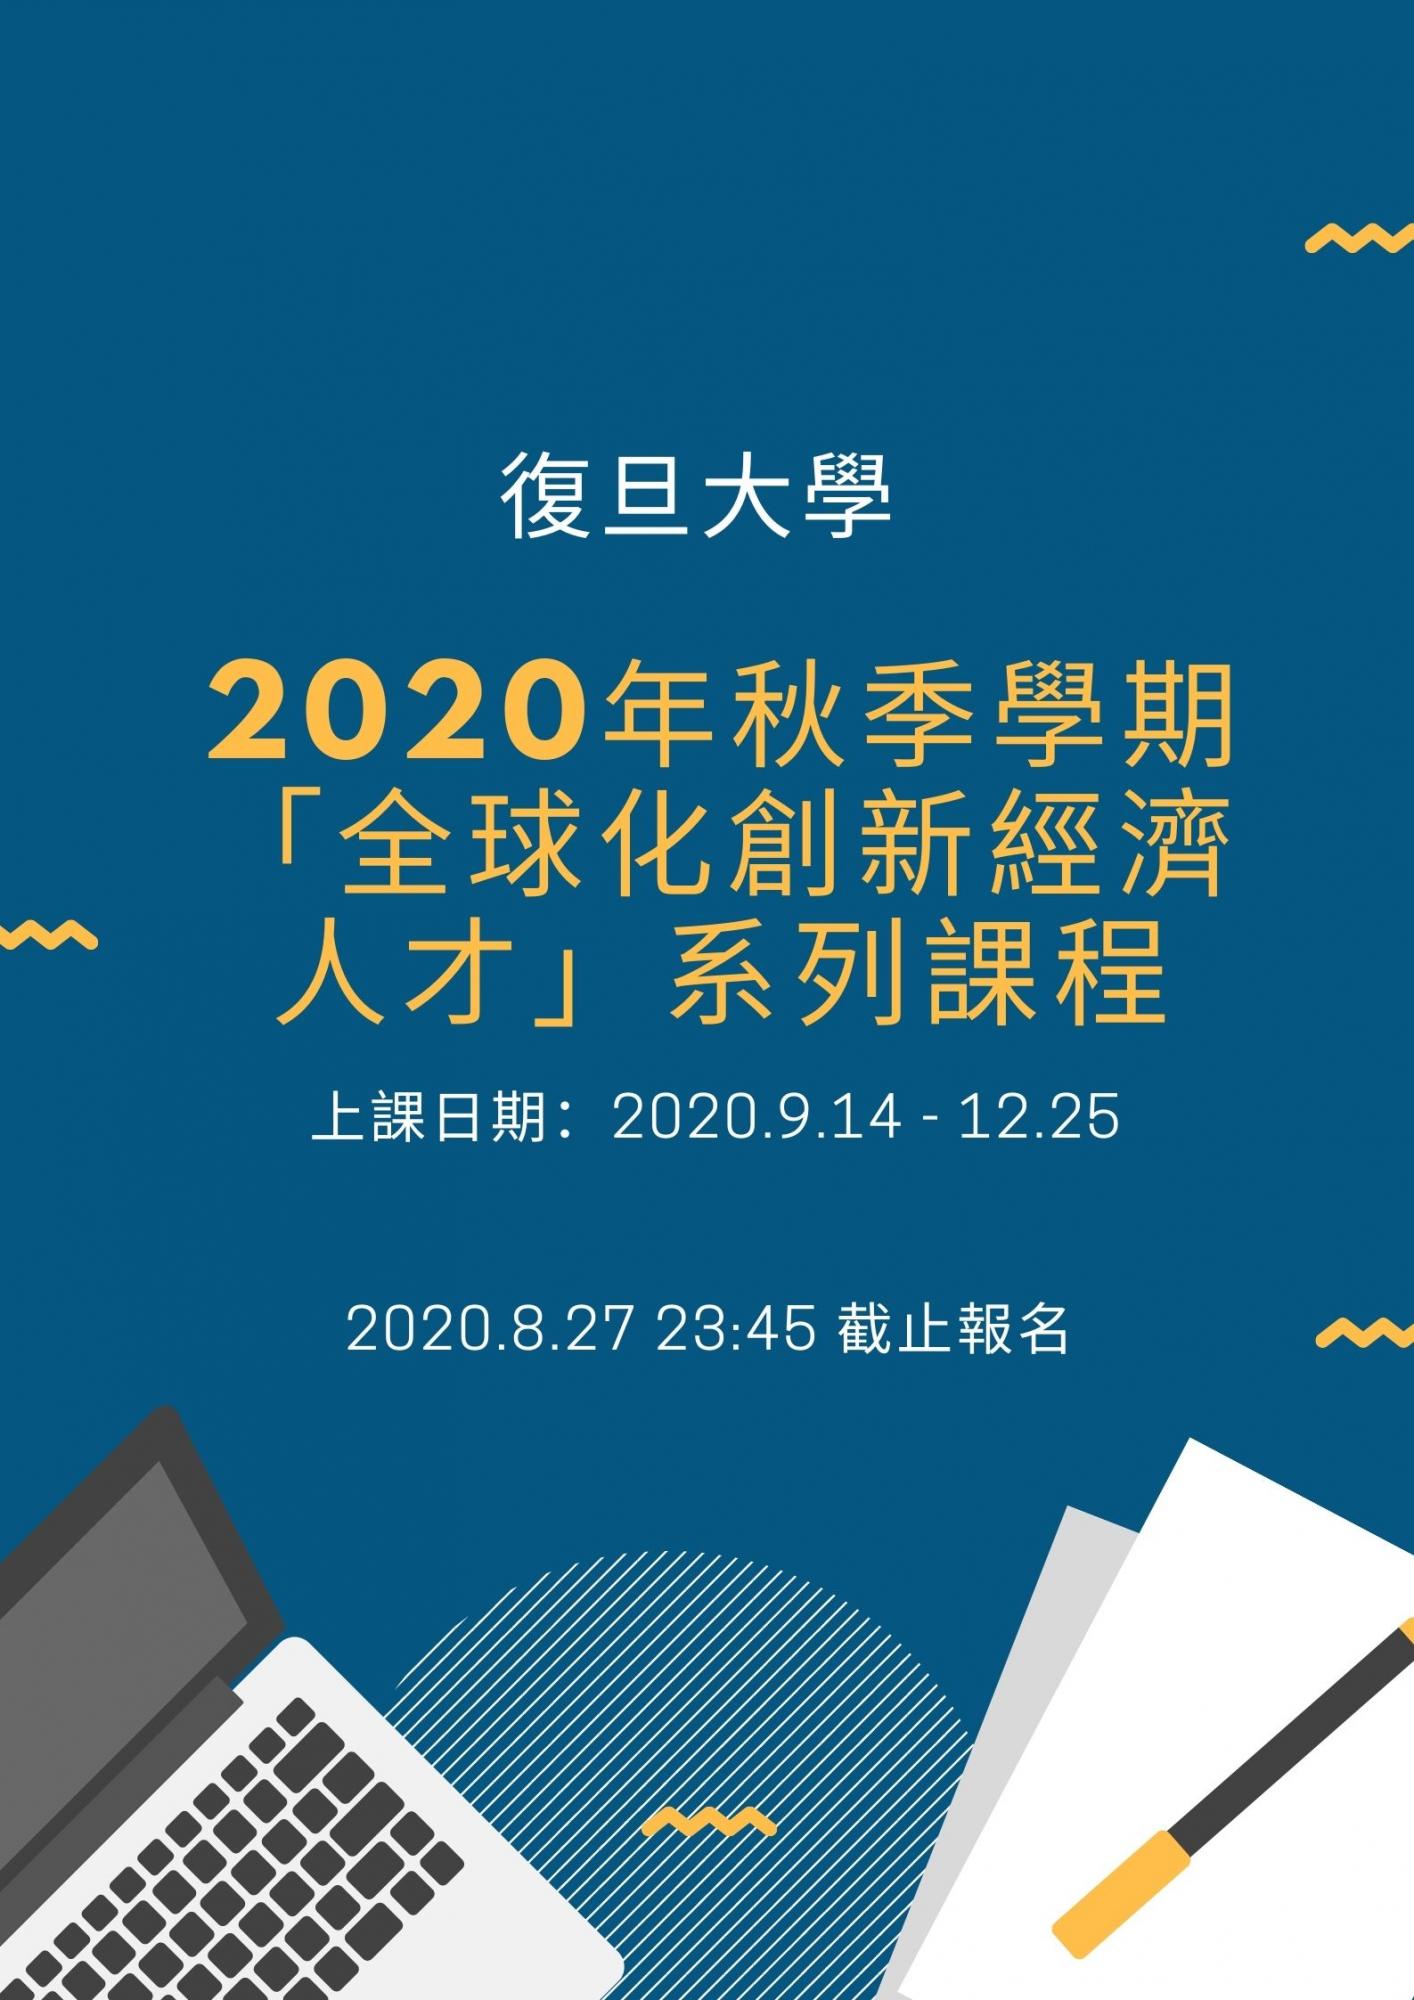 復旦大學2020年秋季學期「全球化創新經濟人才」系列課程